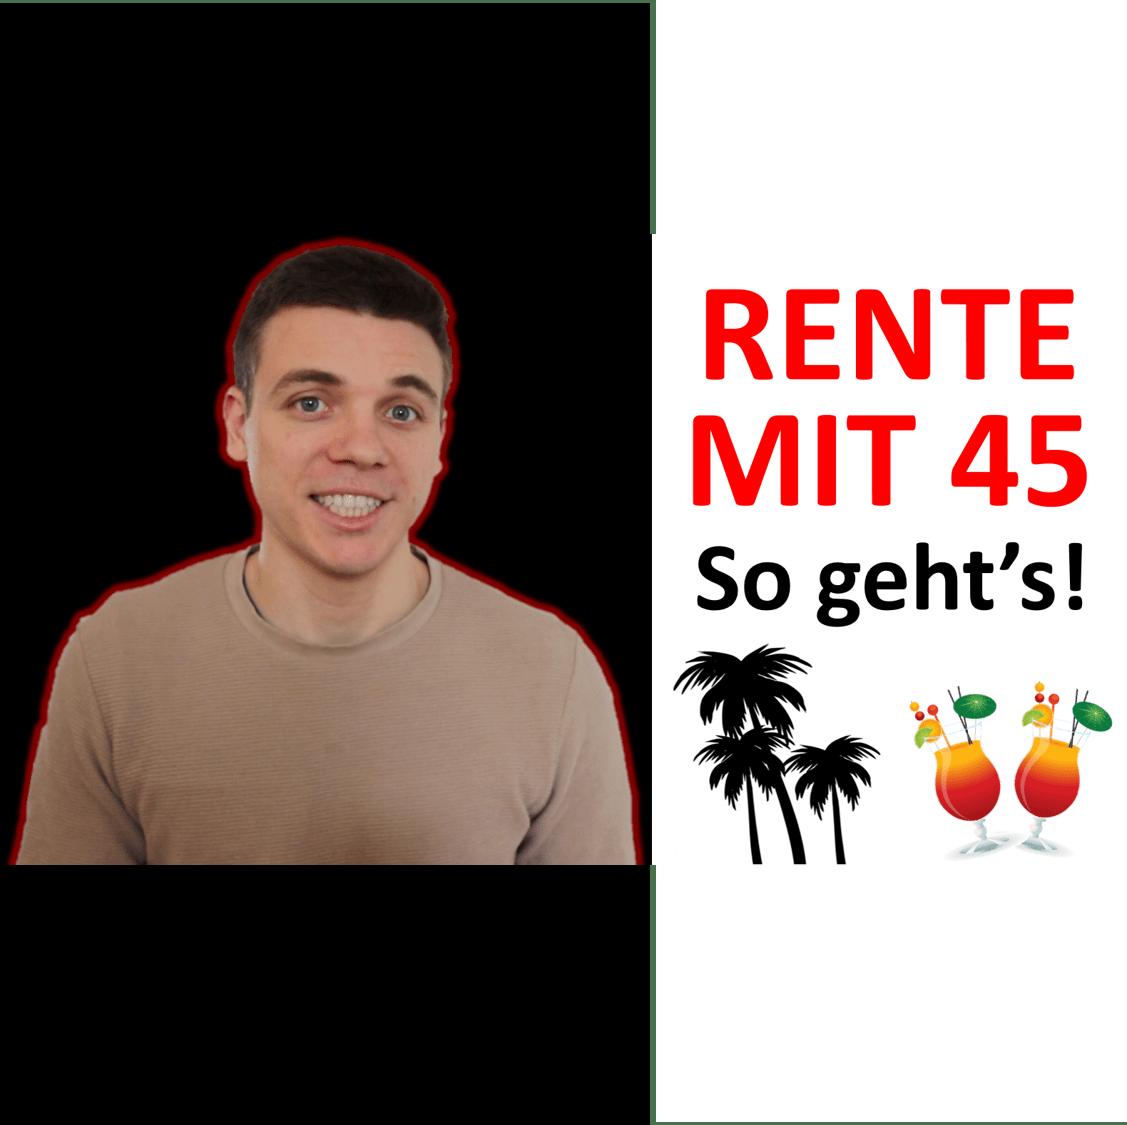 You are currently viewing Rente mit 45 – So geht's! Frührente mithilfe von Aktien, Finanzplan & Frugalismus